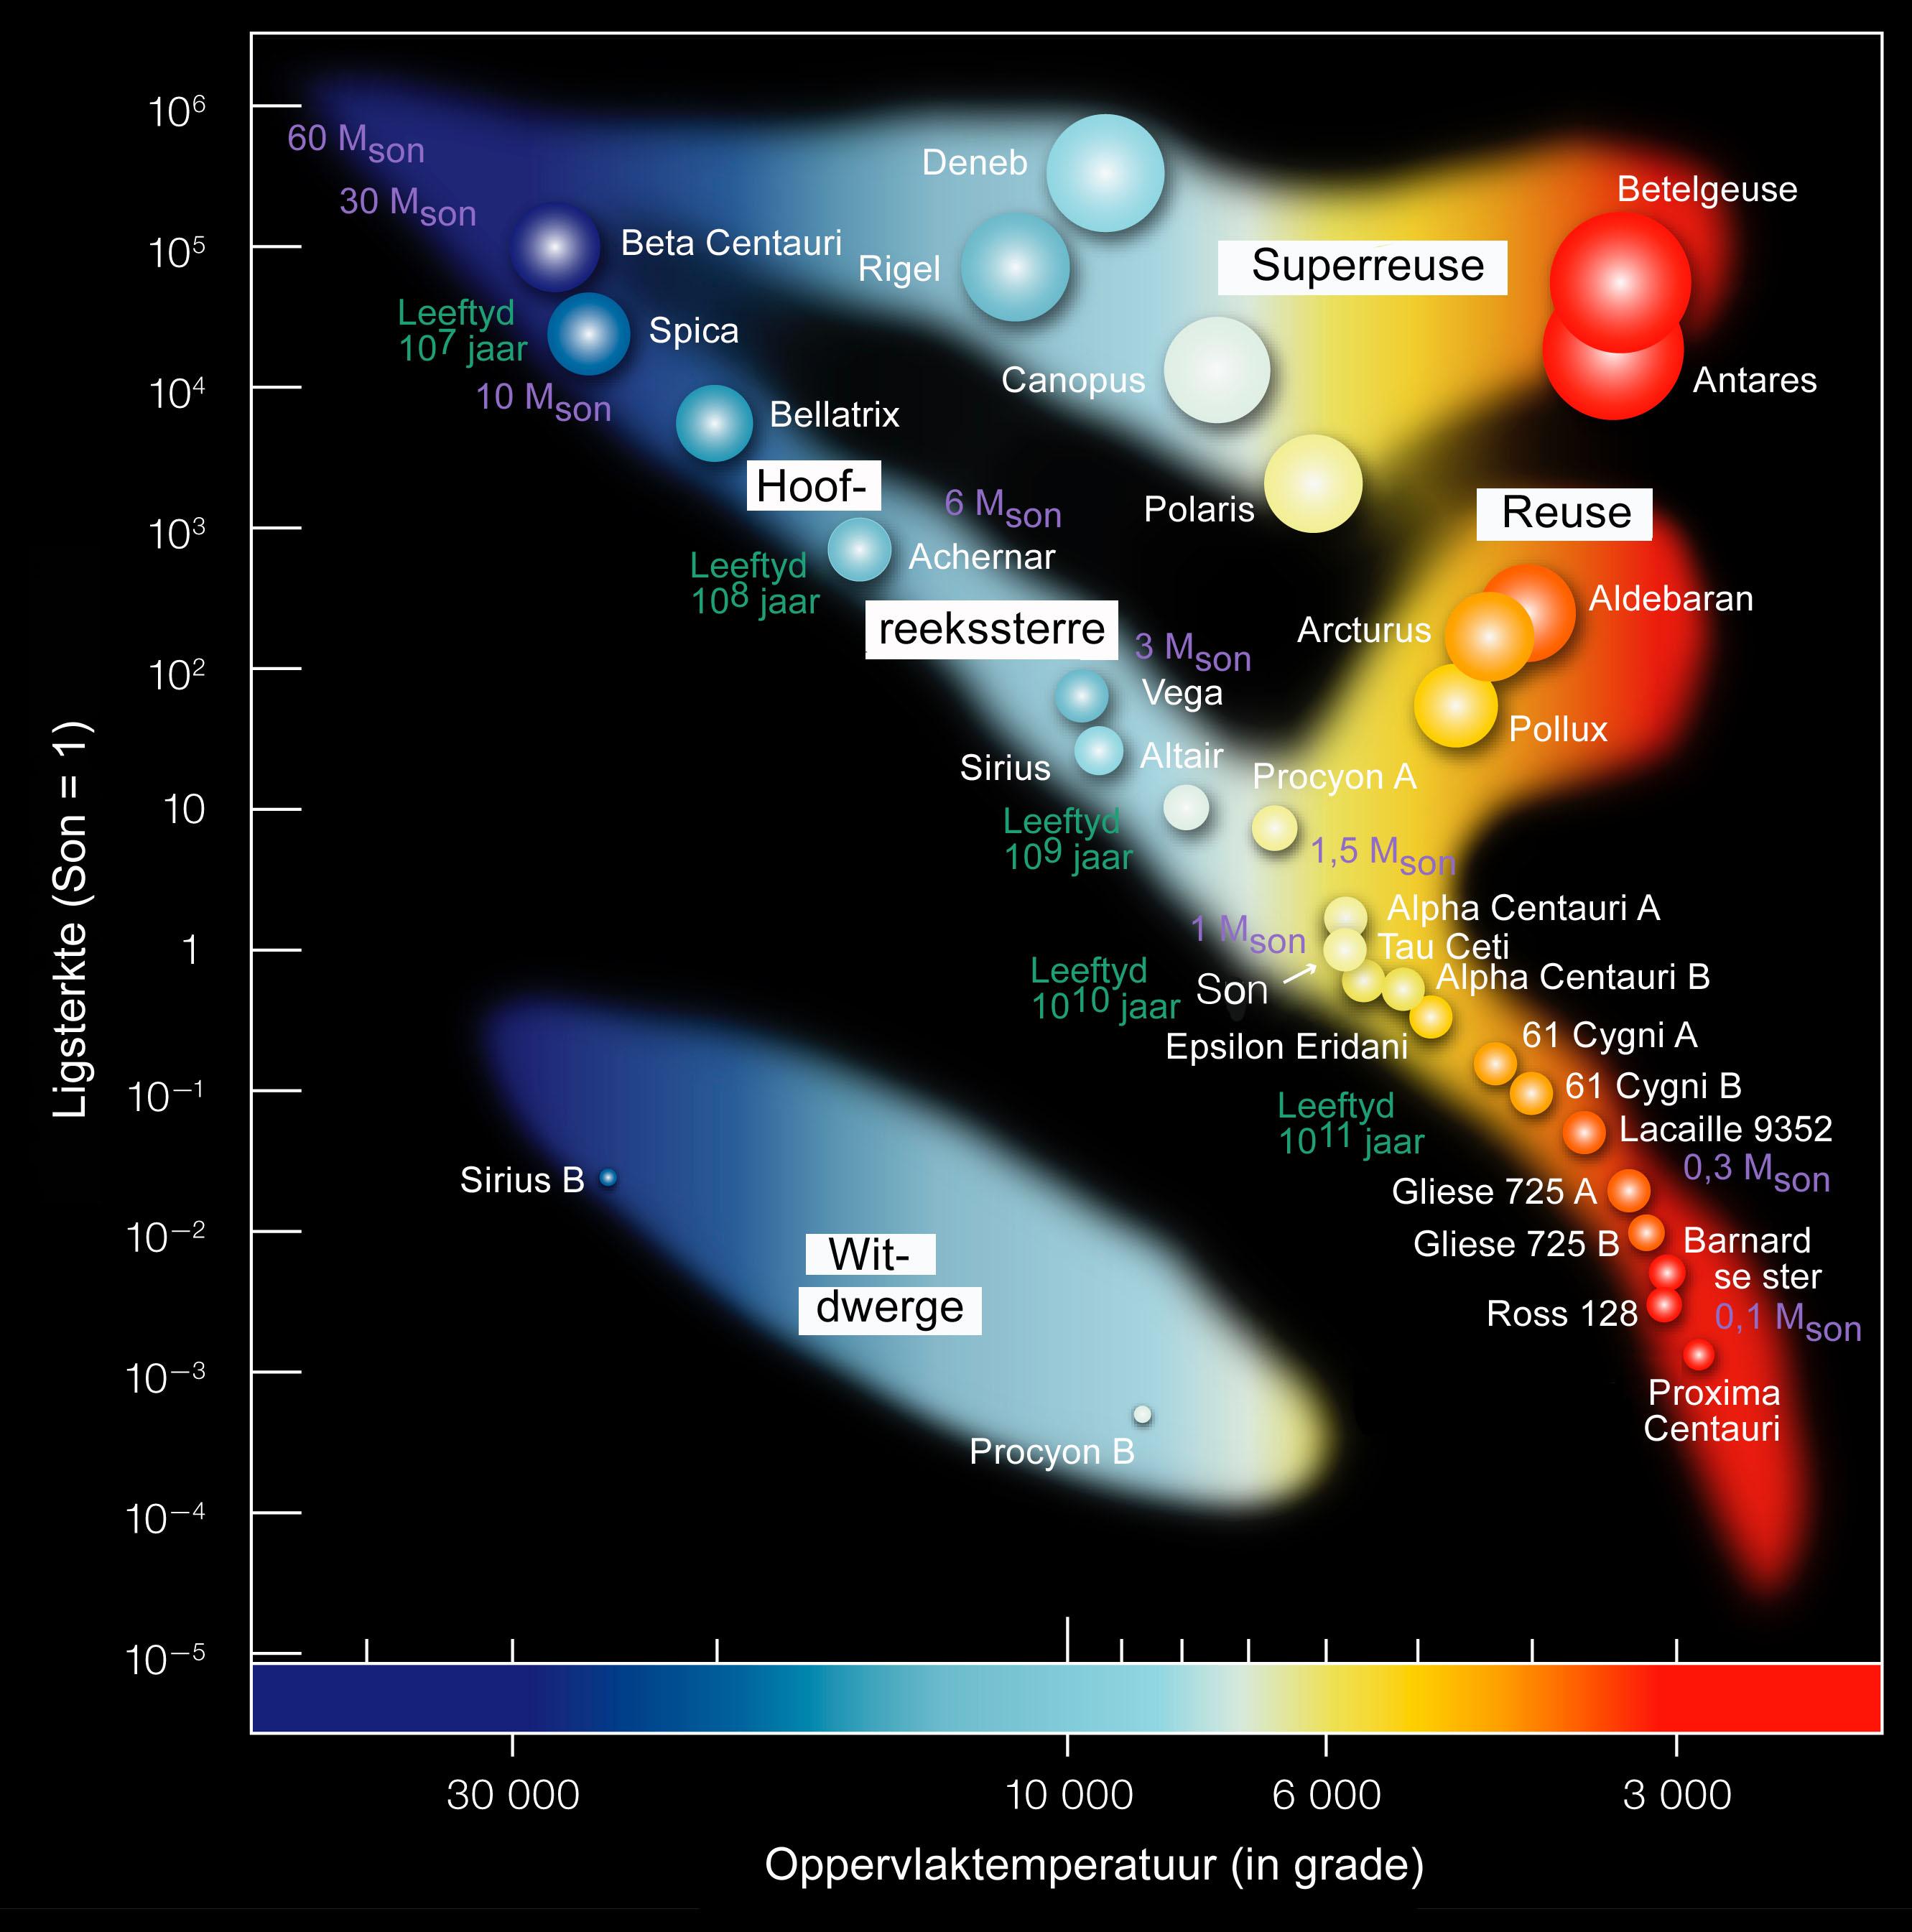 file:hertzsprung-russel stardata af.jpg - wikimedia commons hr diagram color order #12